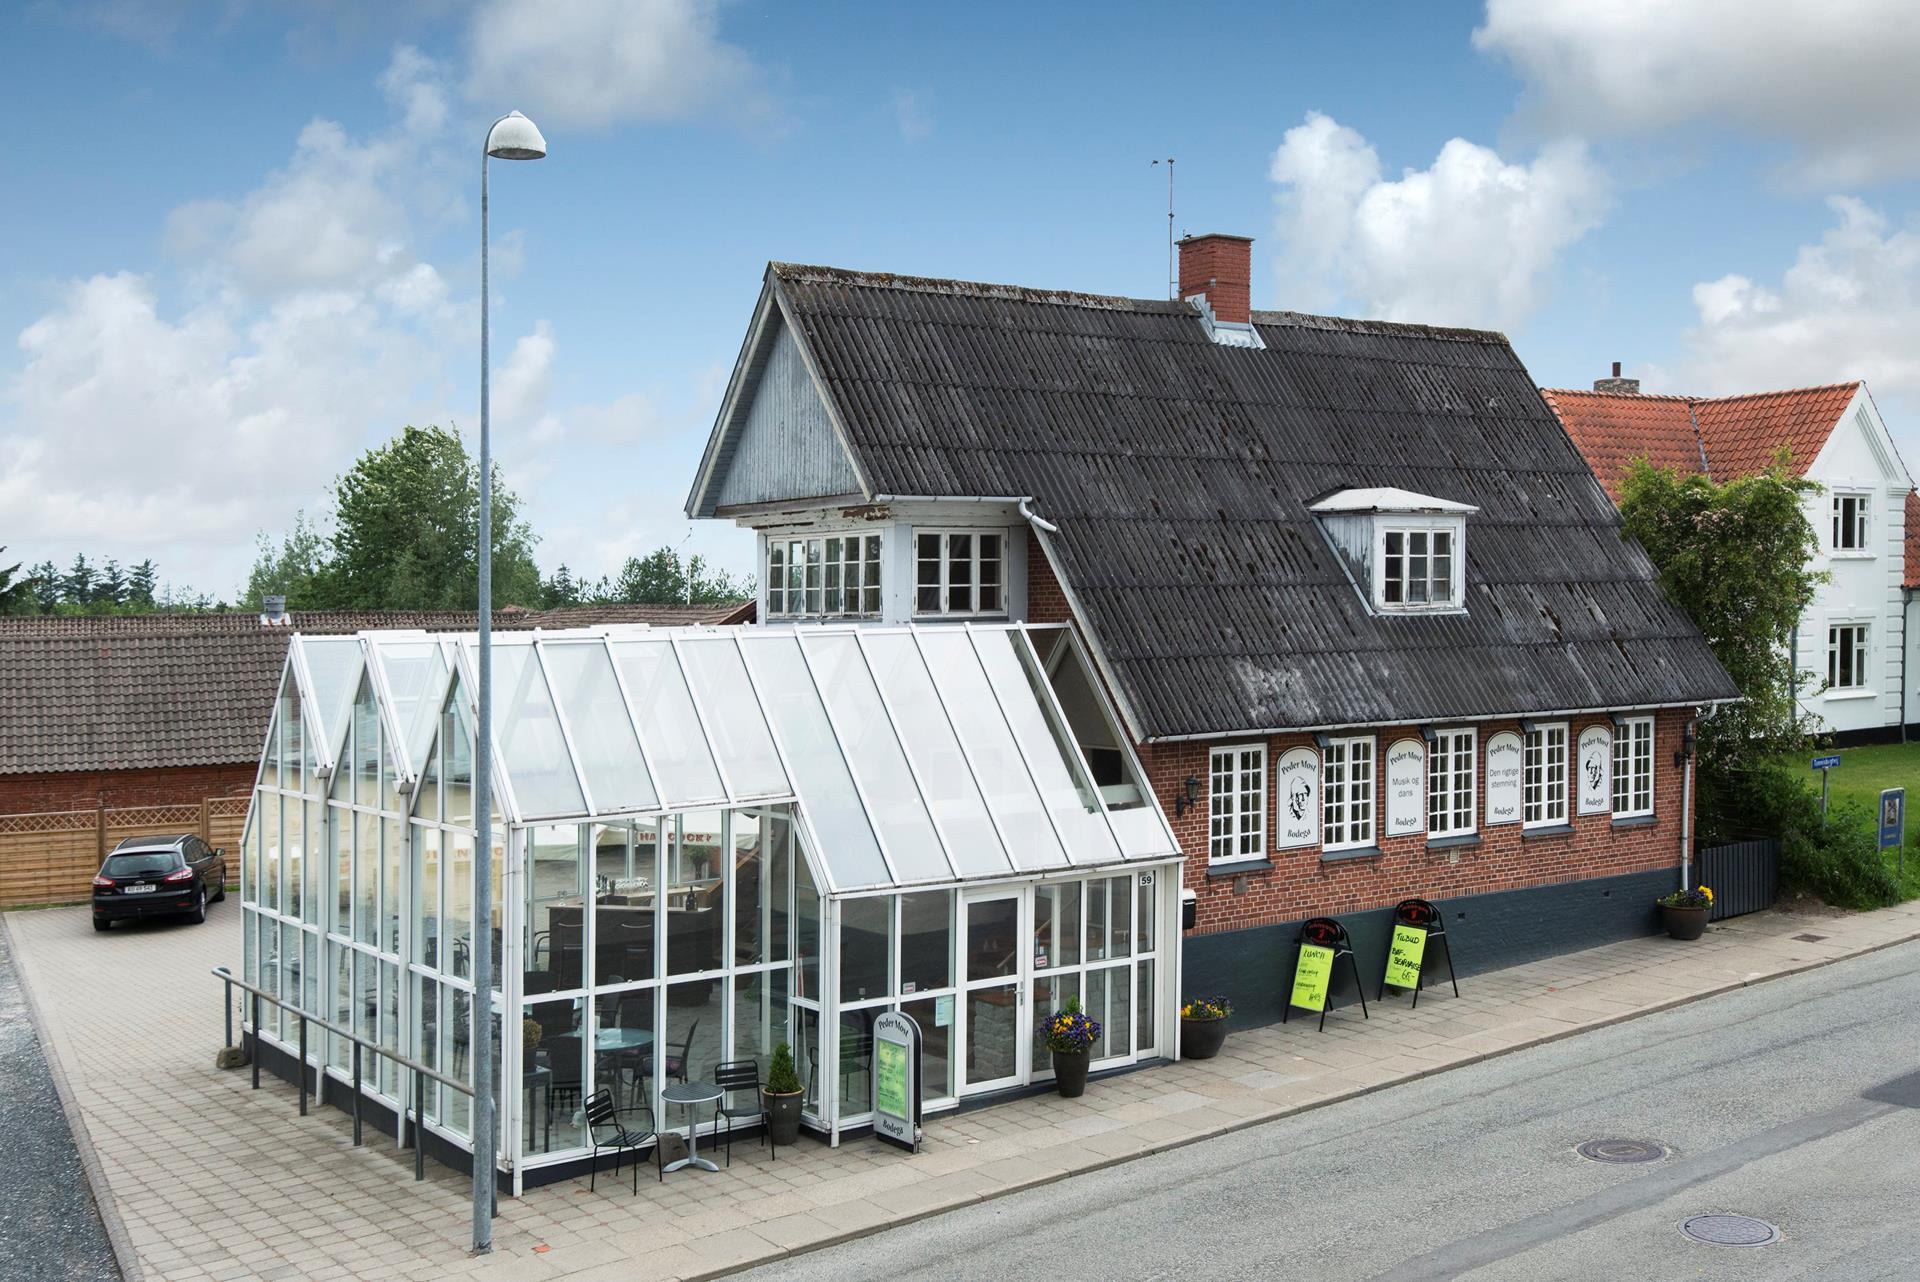 Bolig/erhverv på Tannisbugtvej i Bindslev - Andet